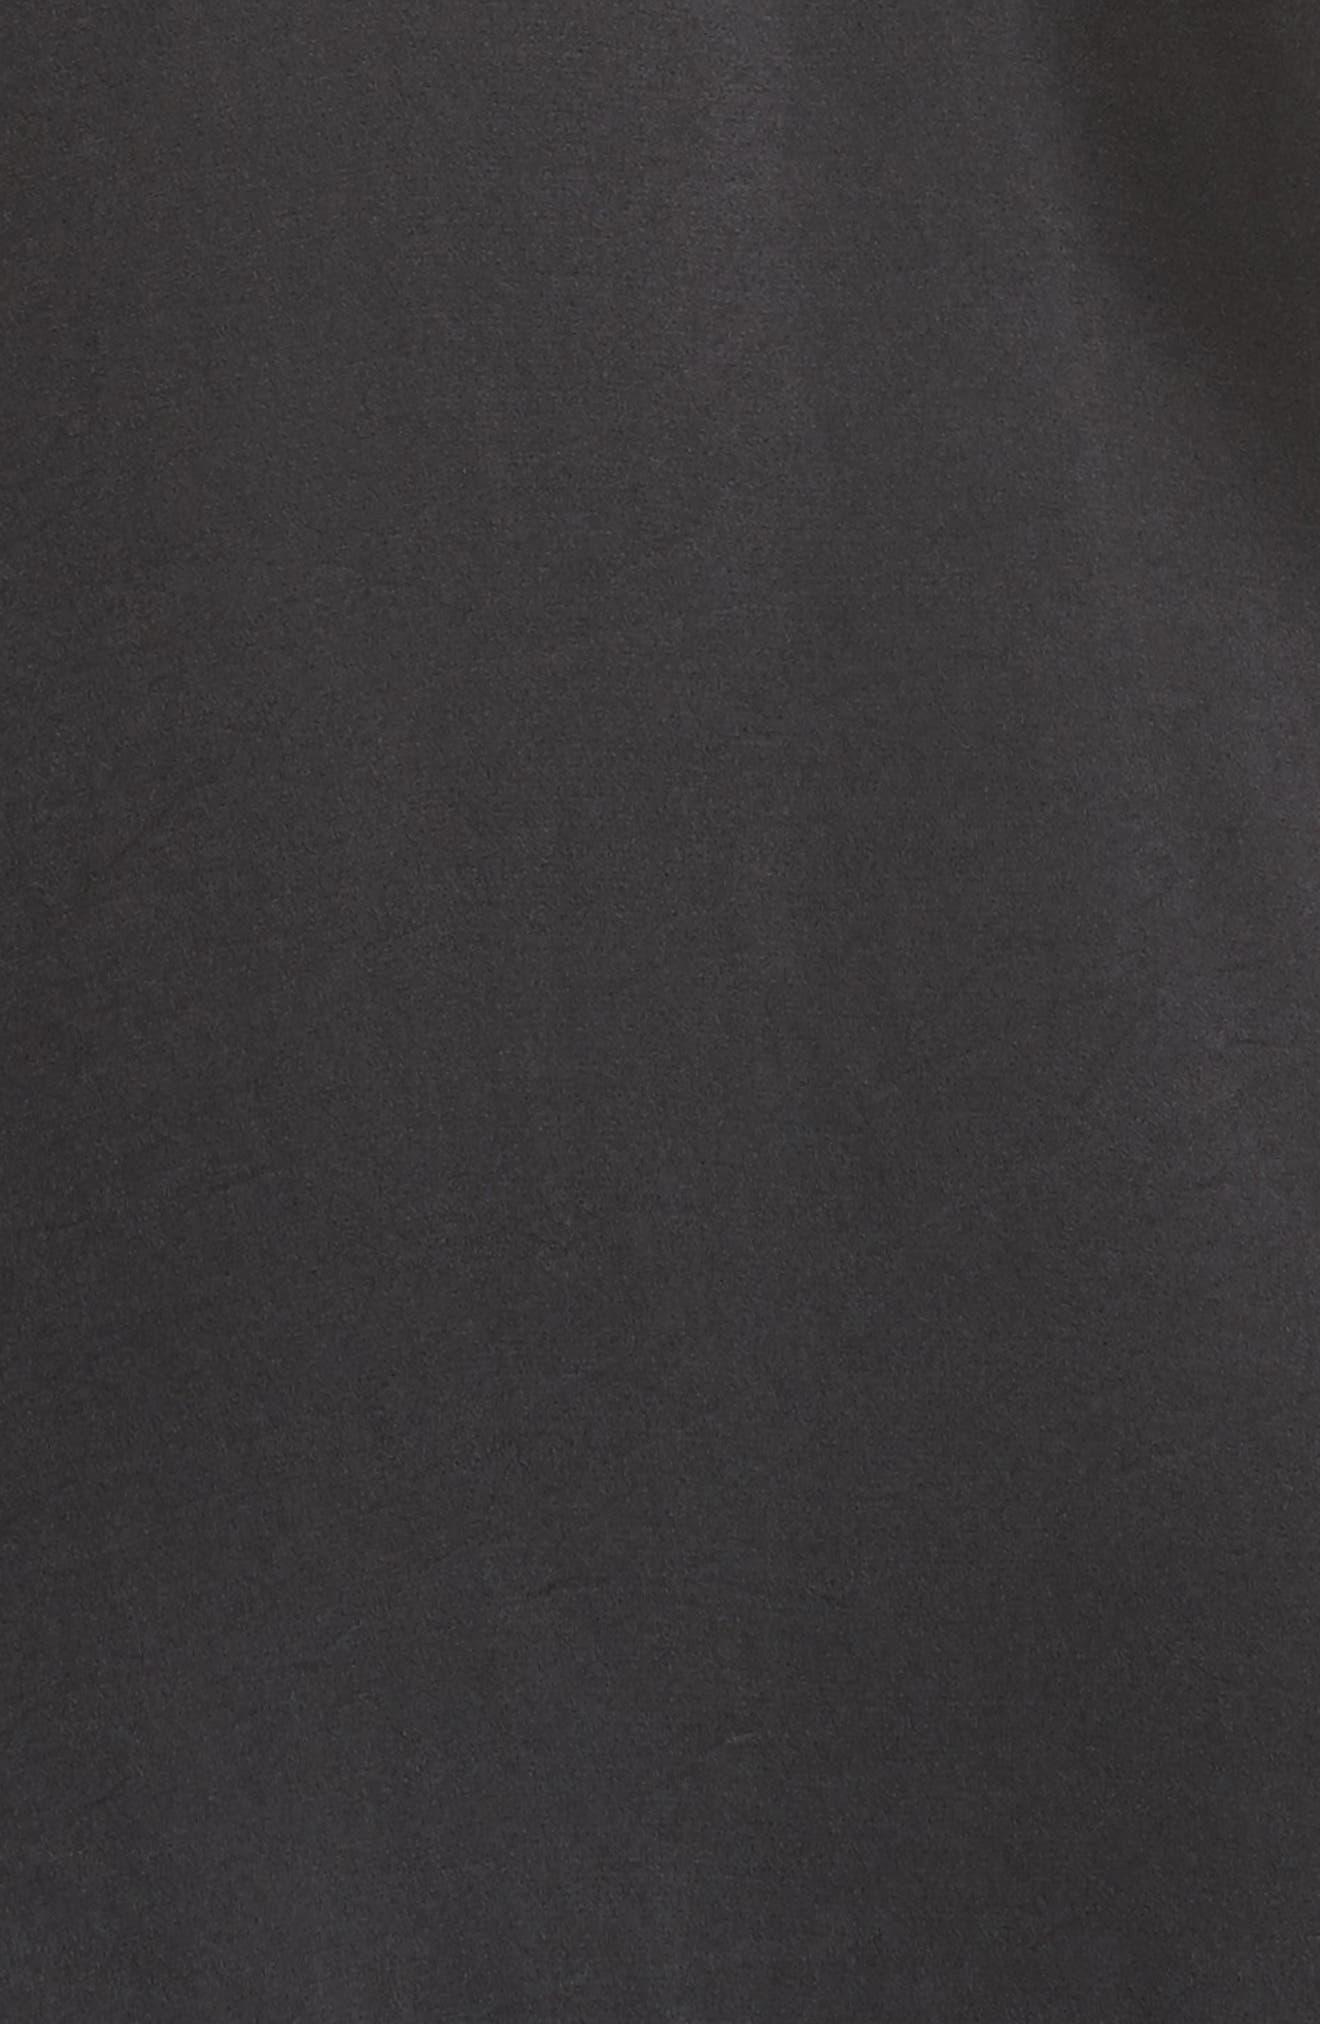 Mure Satin Midi Dress,                             Alternate thumbnail 5, color,                             Black